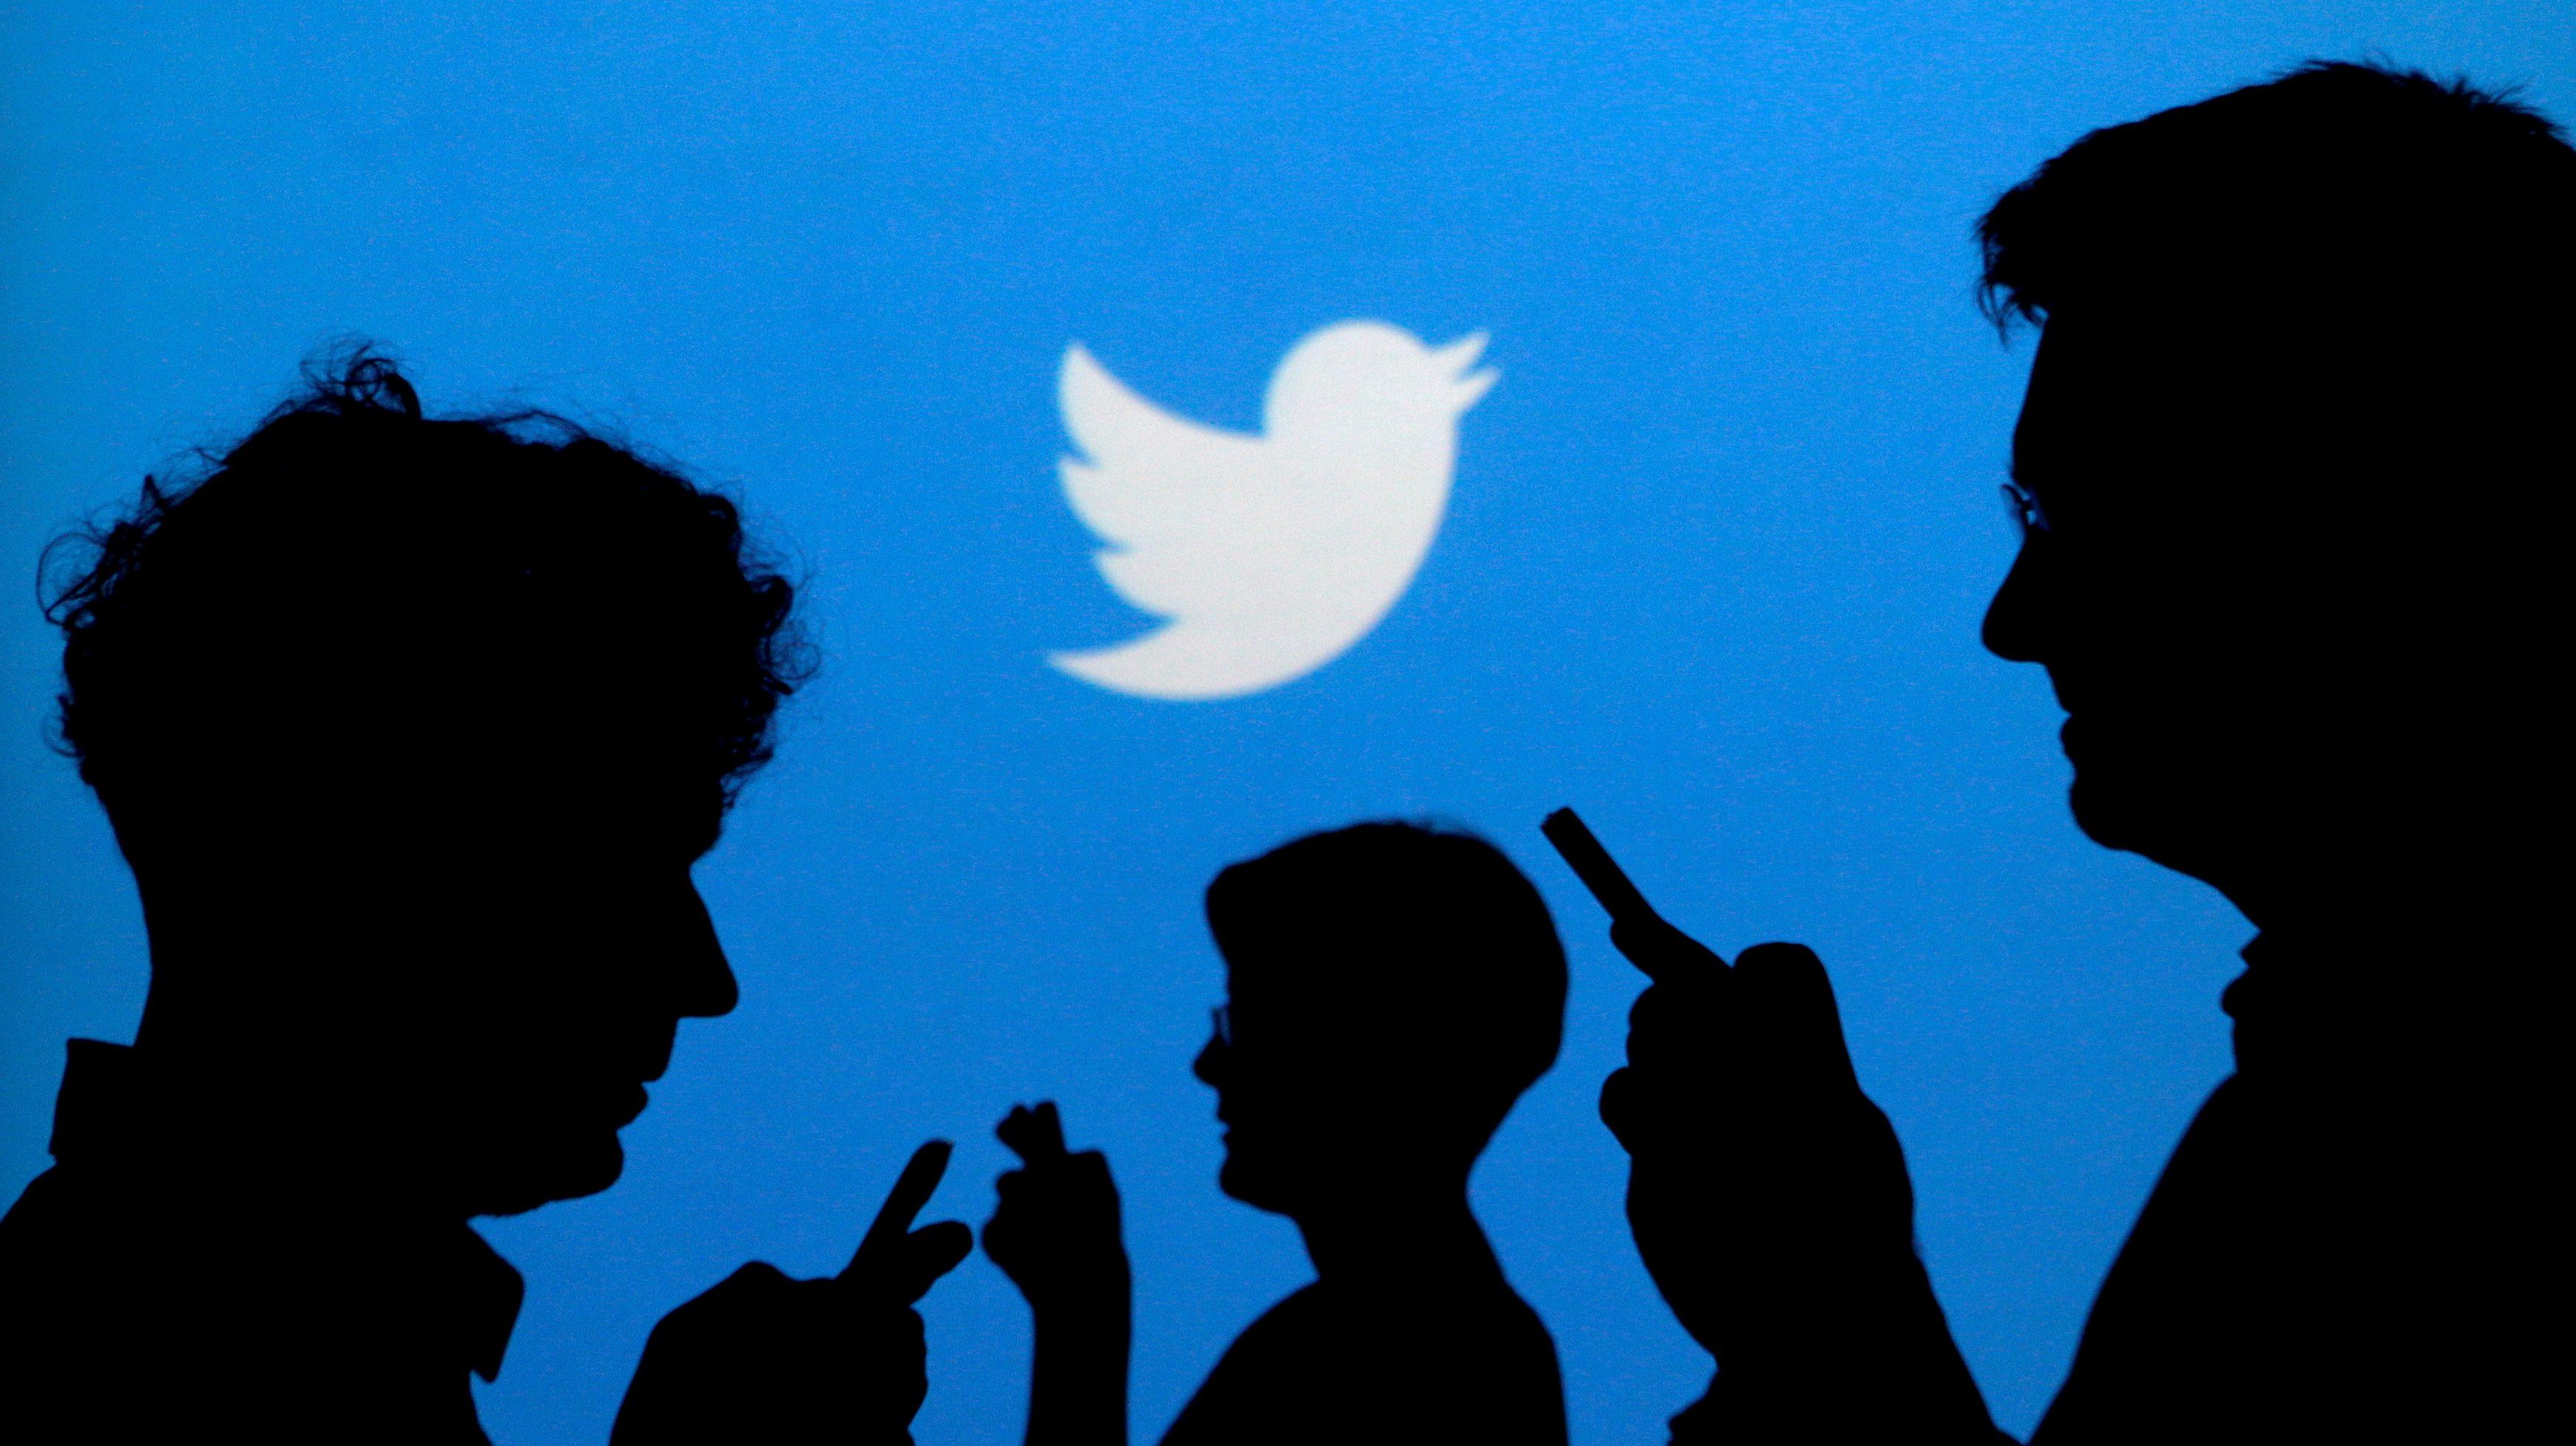 People tweeting on smartphones.